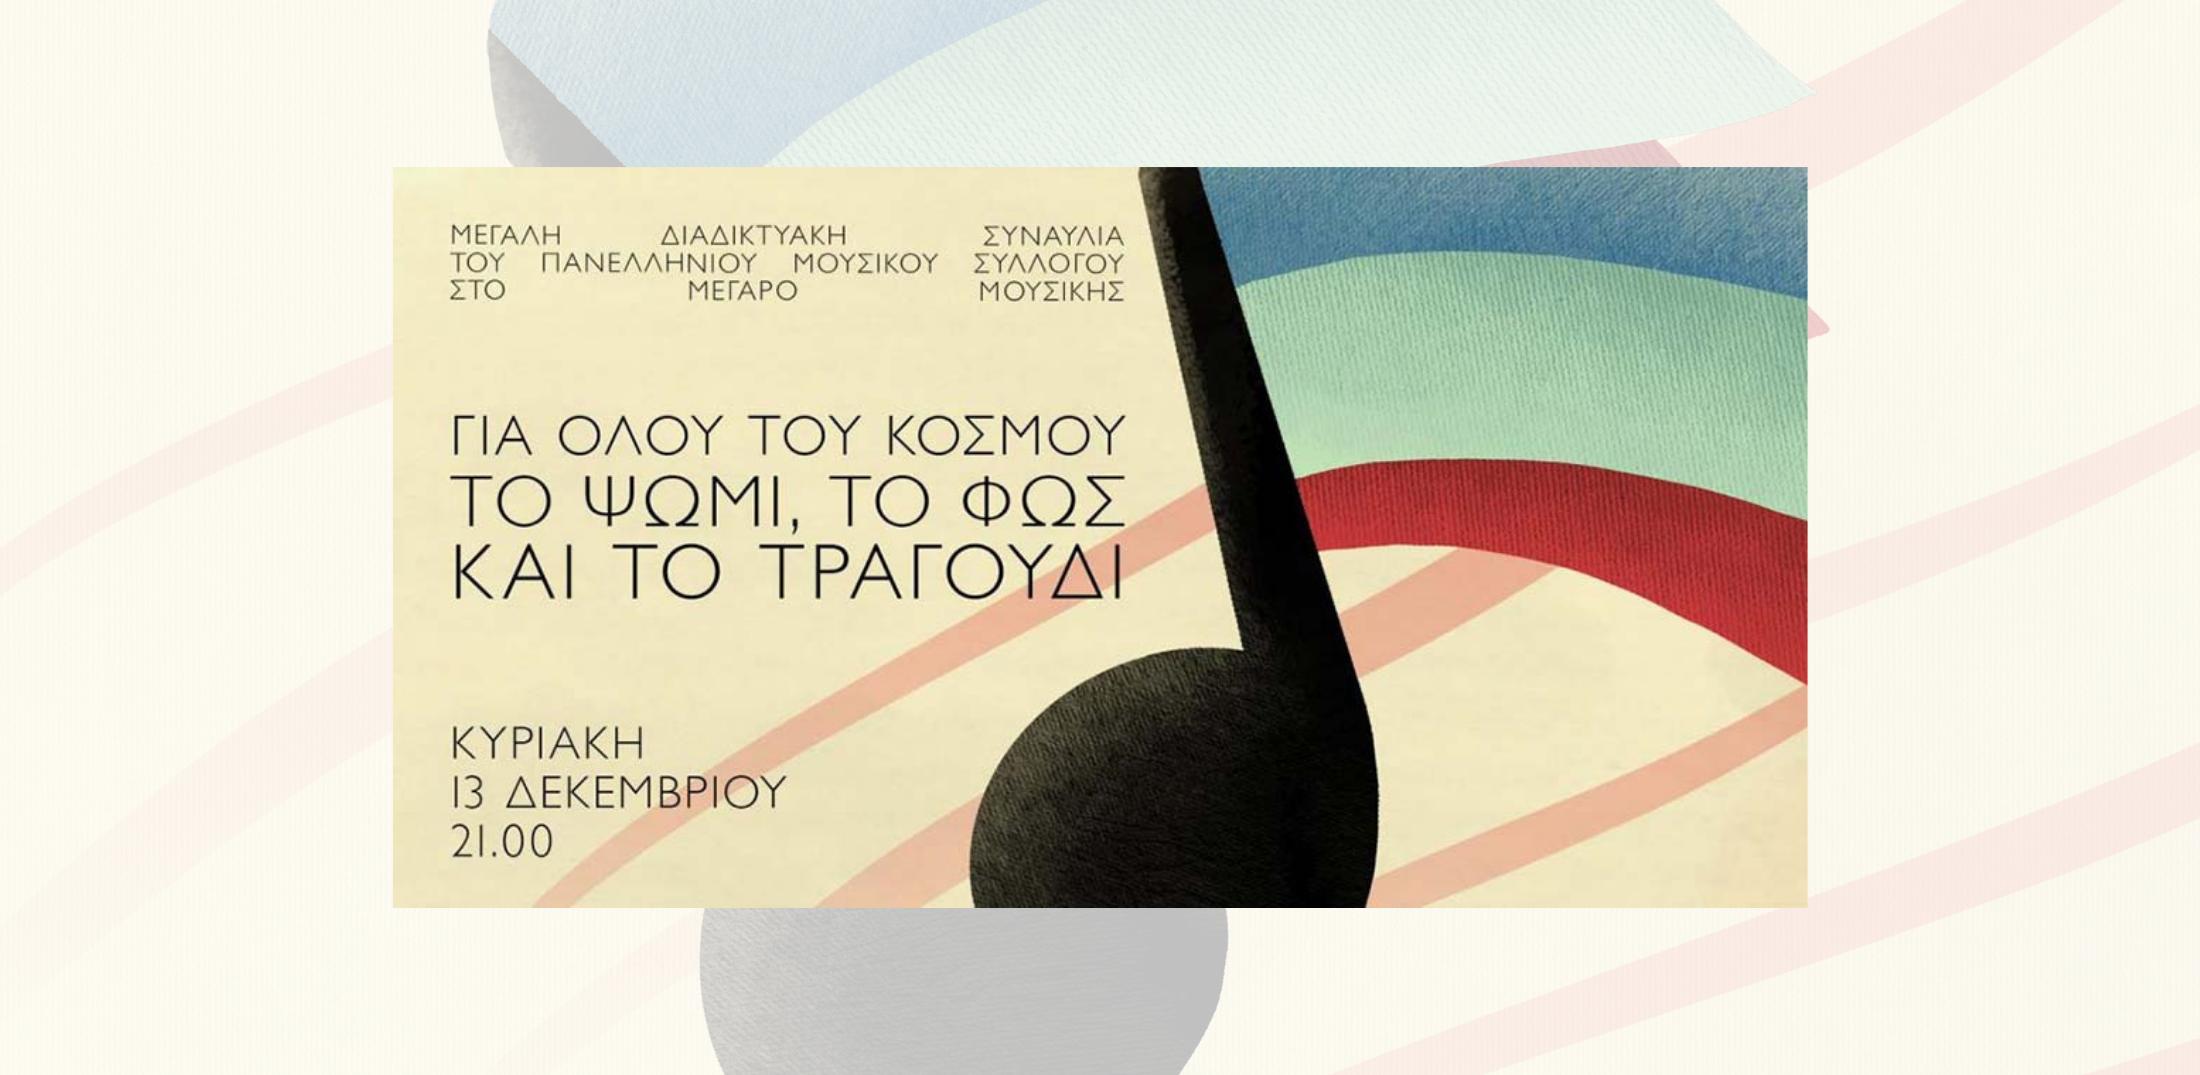 Πανελλήνιος Μουσικός Σύλλογος_ Μεγάλη διαδικτυακή συναυλία μέσα από την πλατφόρμα estage.gr_zvoura.gr